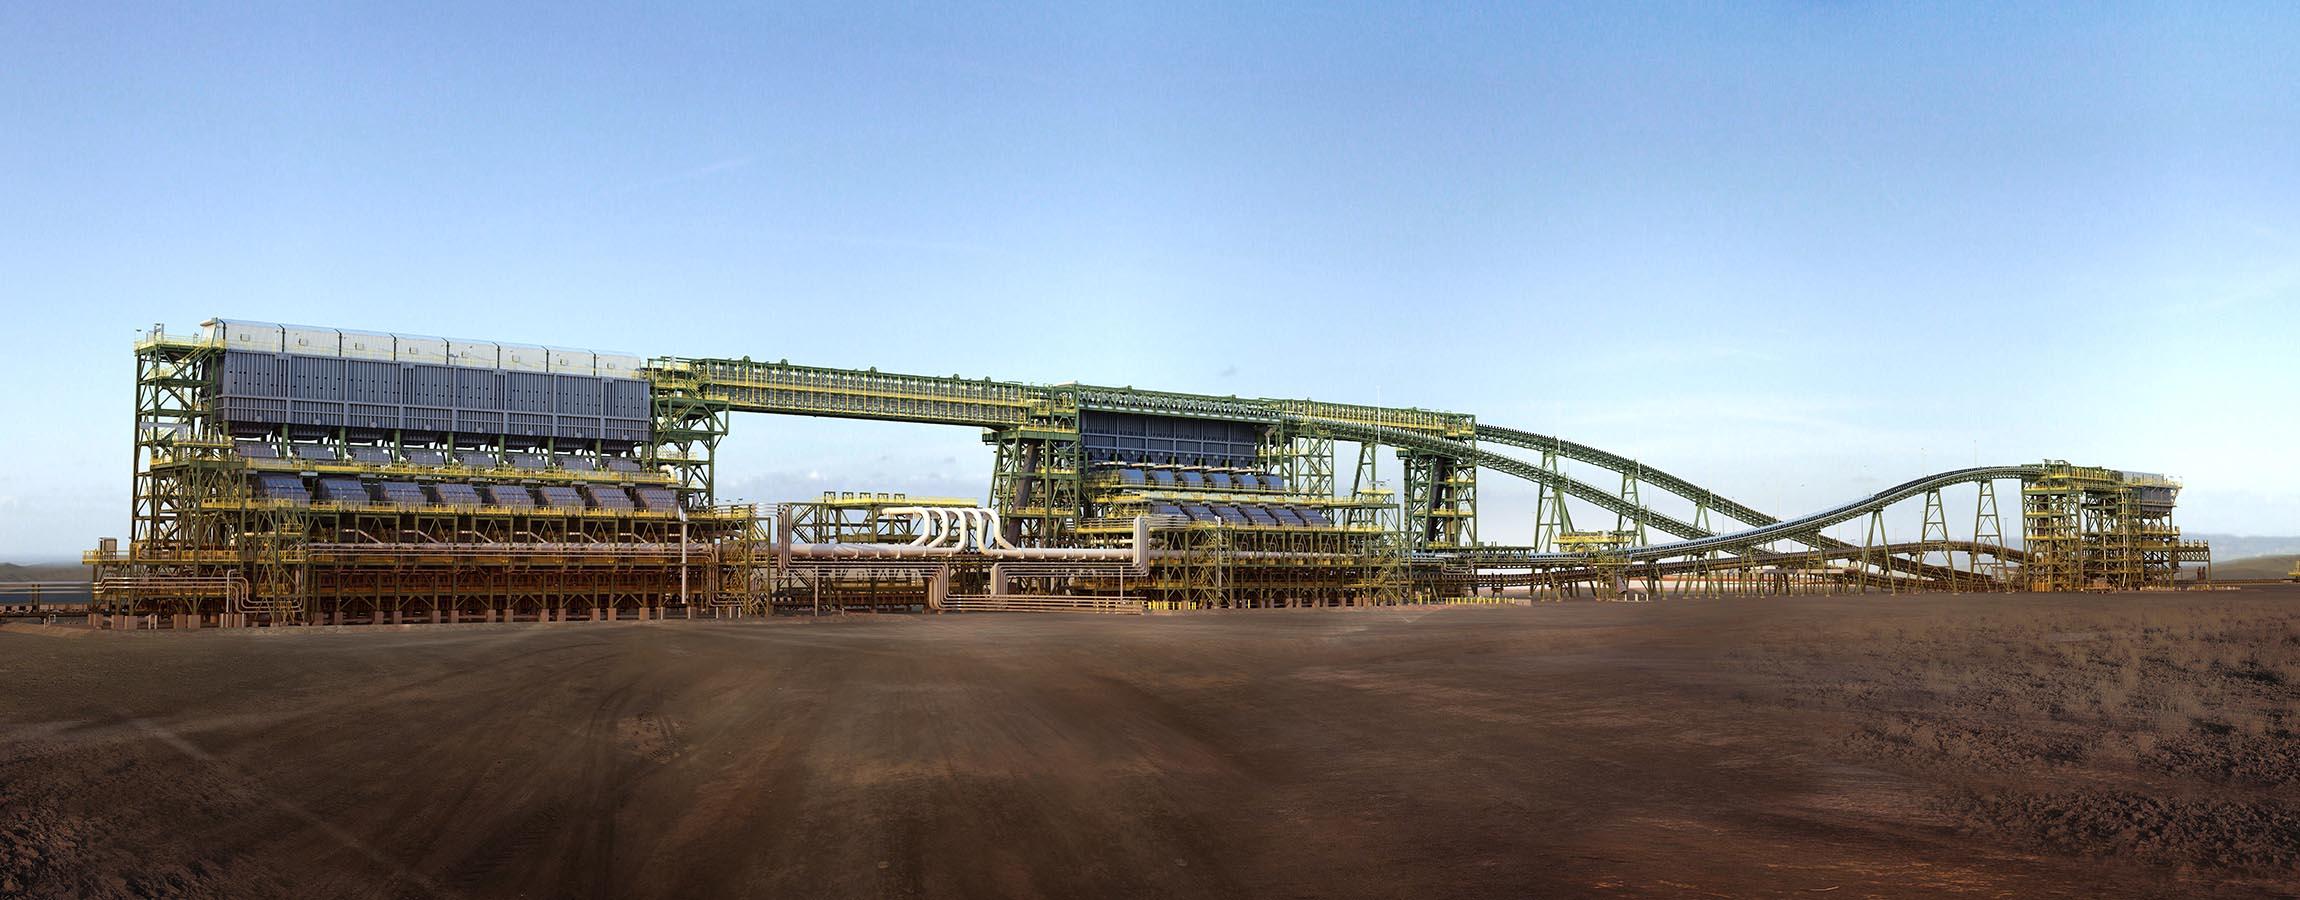 Jimblebar Iron ore mining